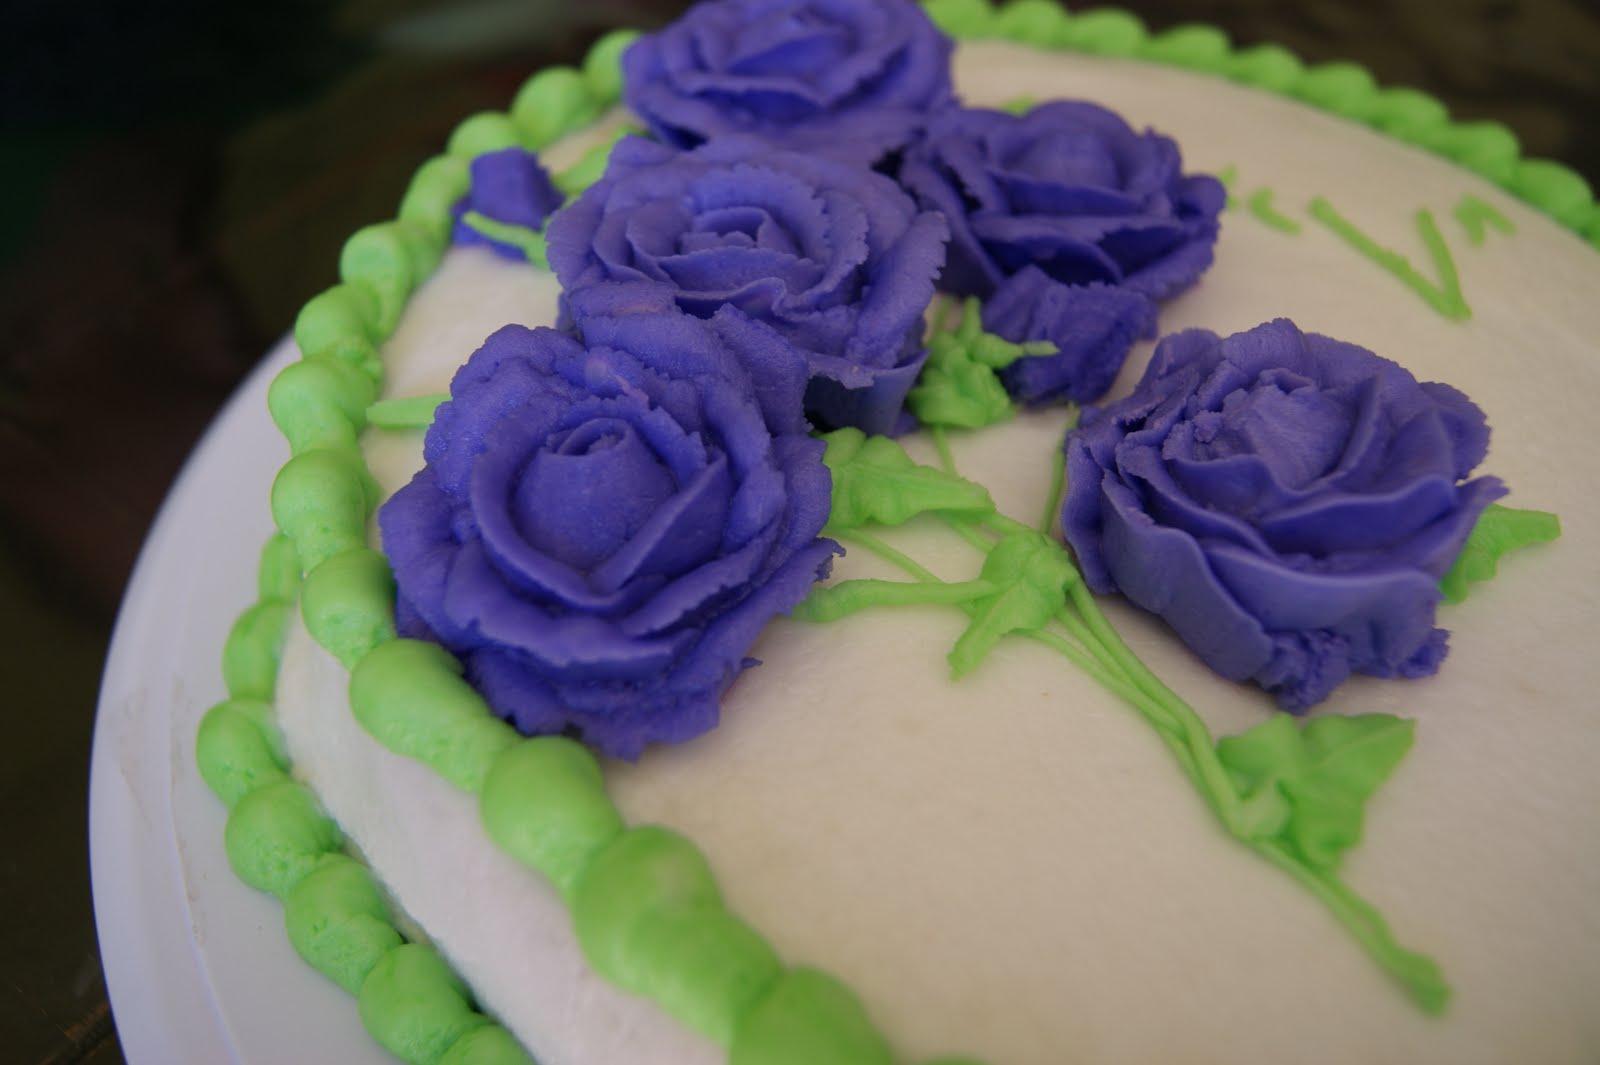 V Is For Violet   V   is for violet   roses that